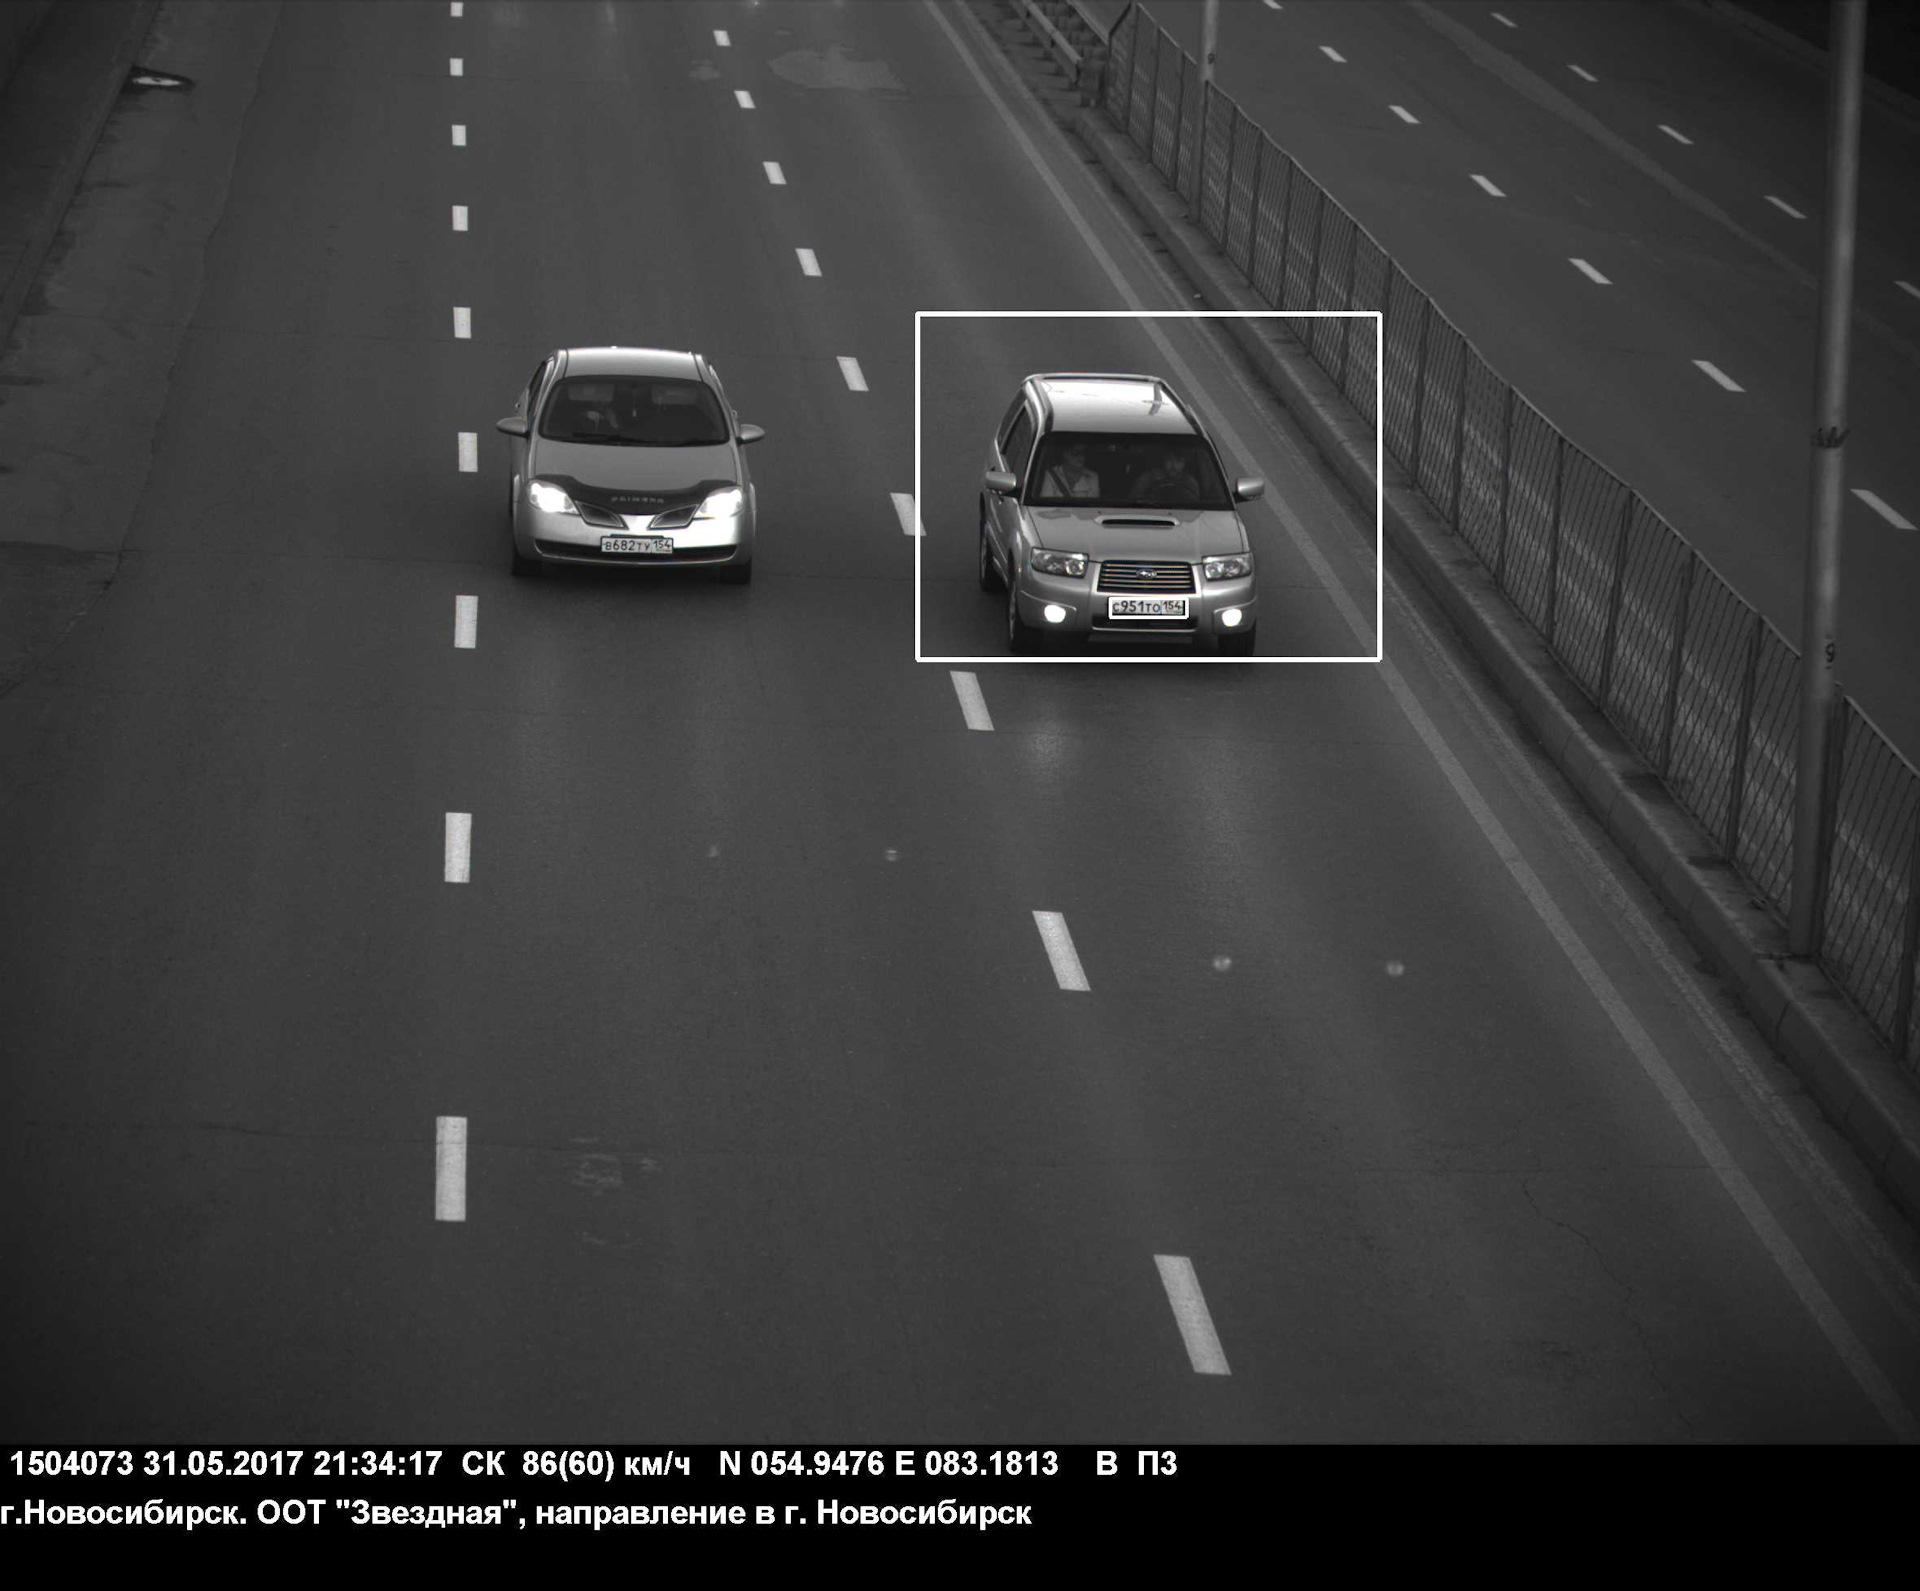 самая большая скорость по камере фотофиксации вышеперечисленных признаков